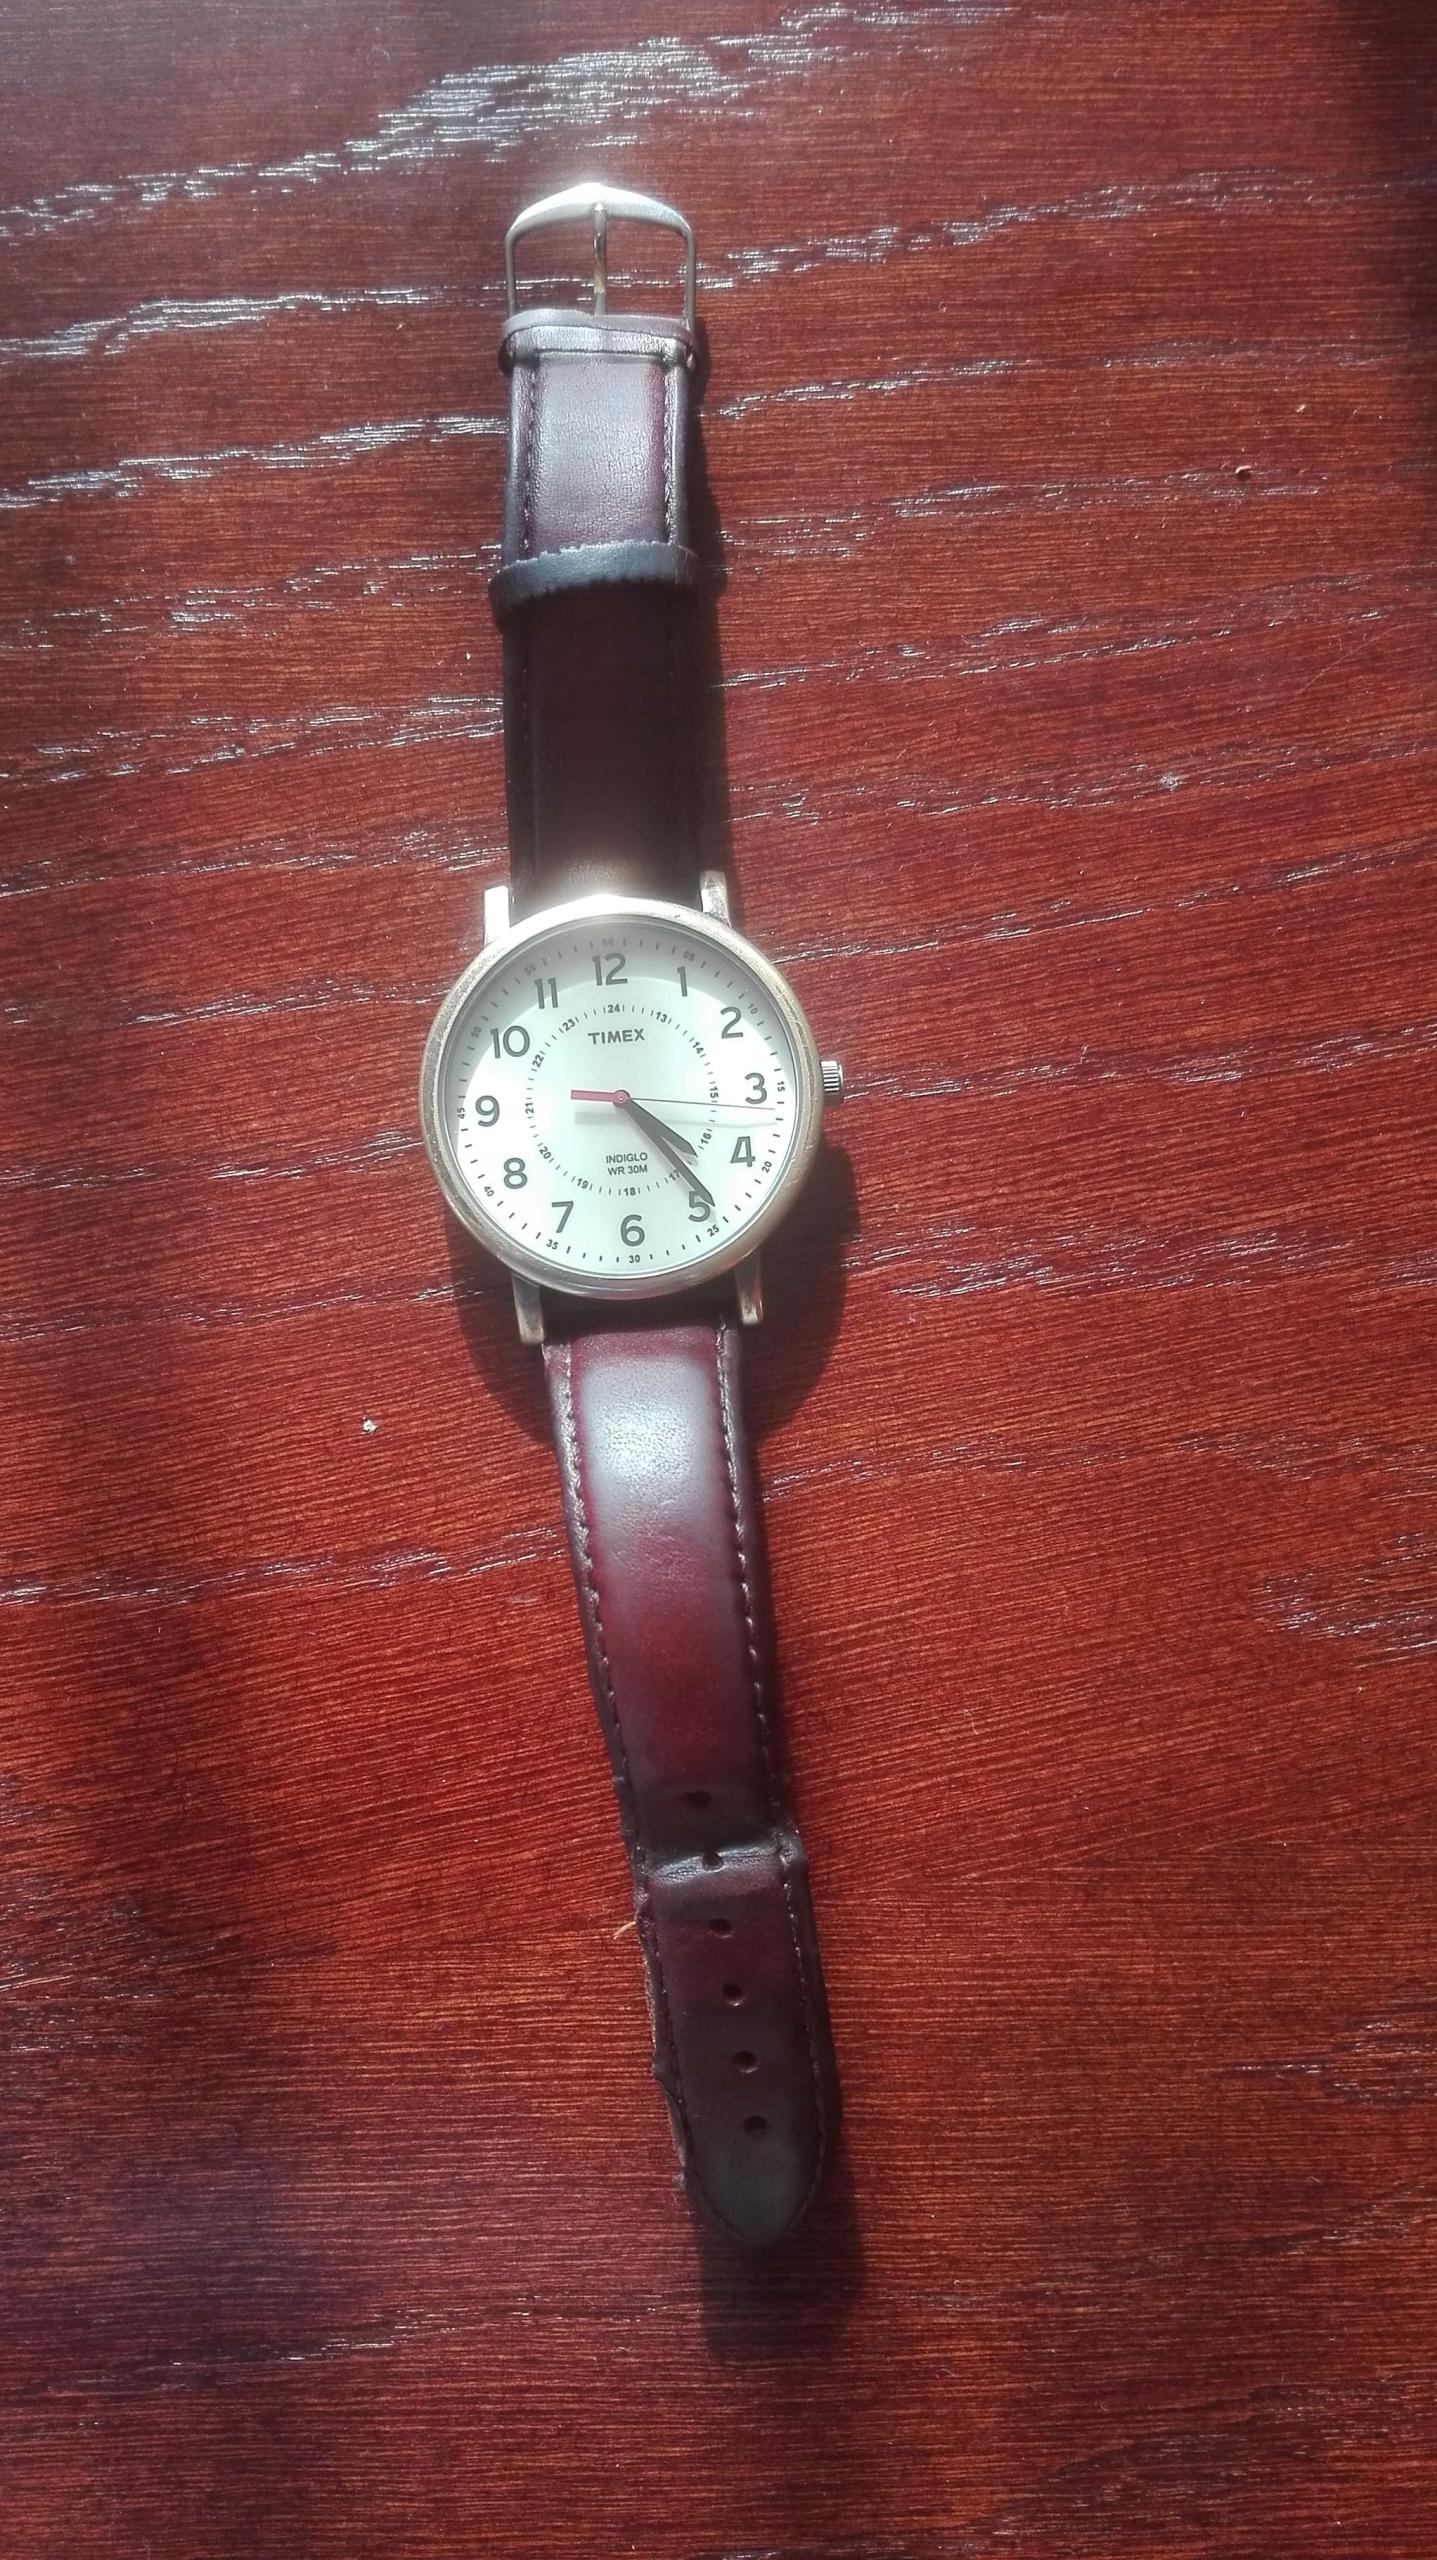 Zegarek podświetlany Timex Indiglo WR 30M